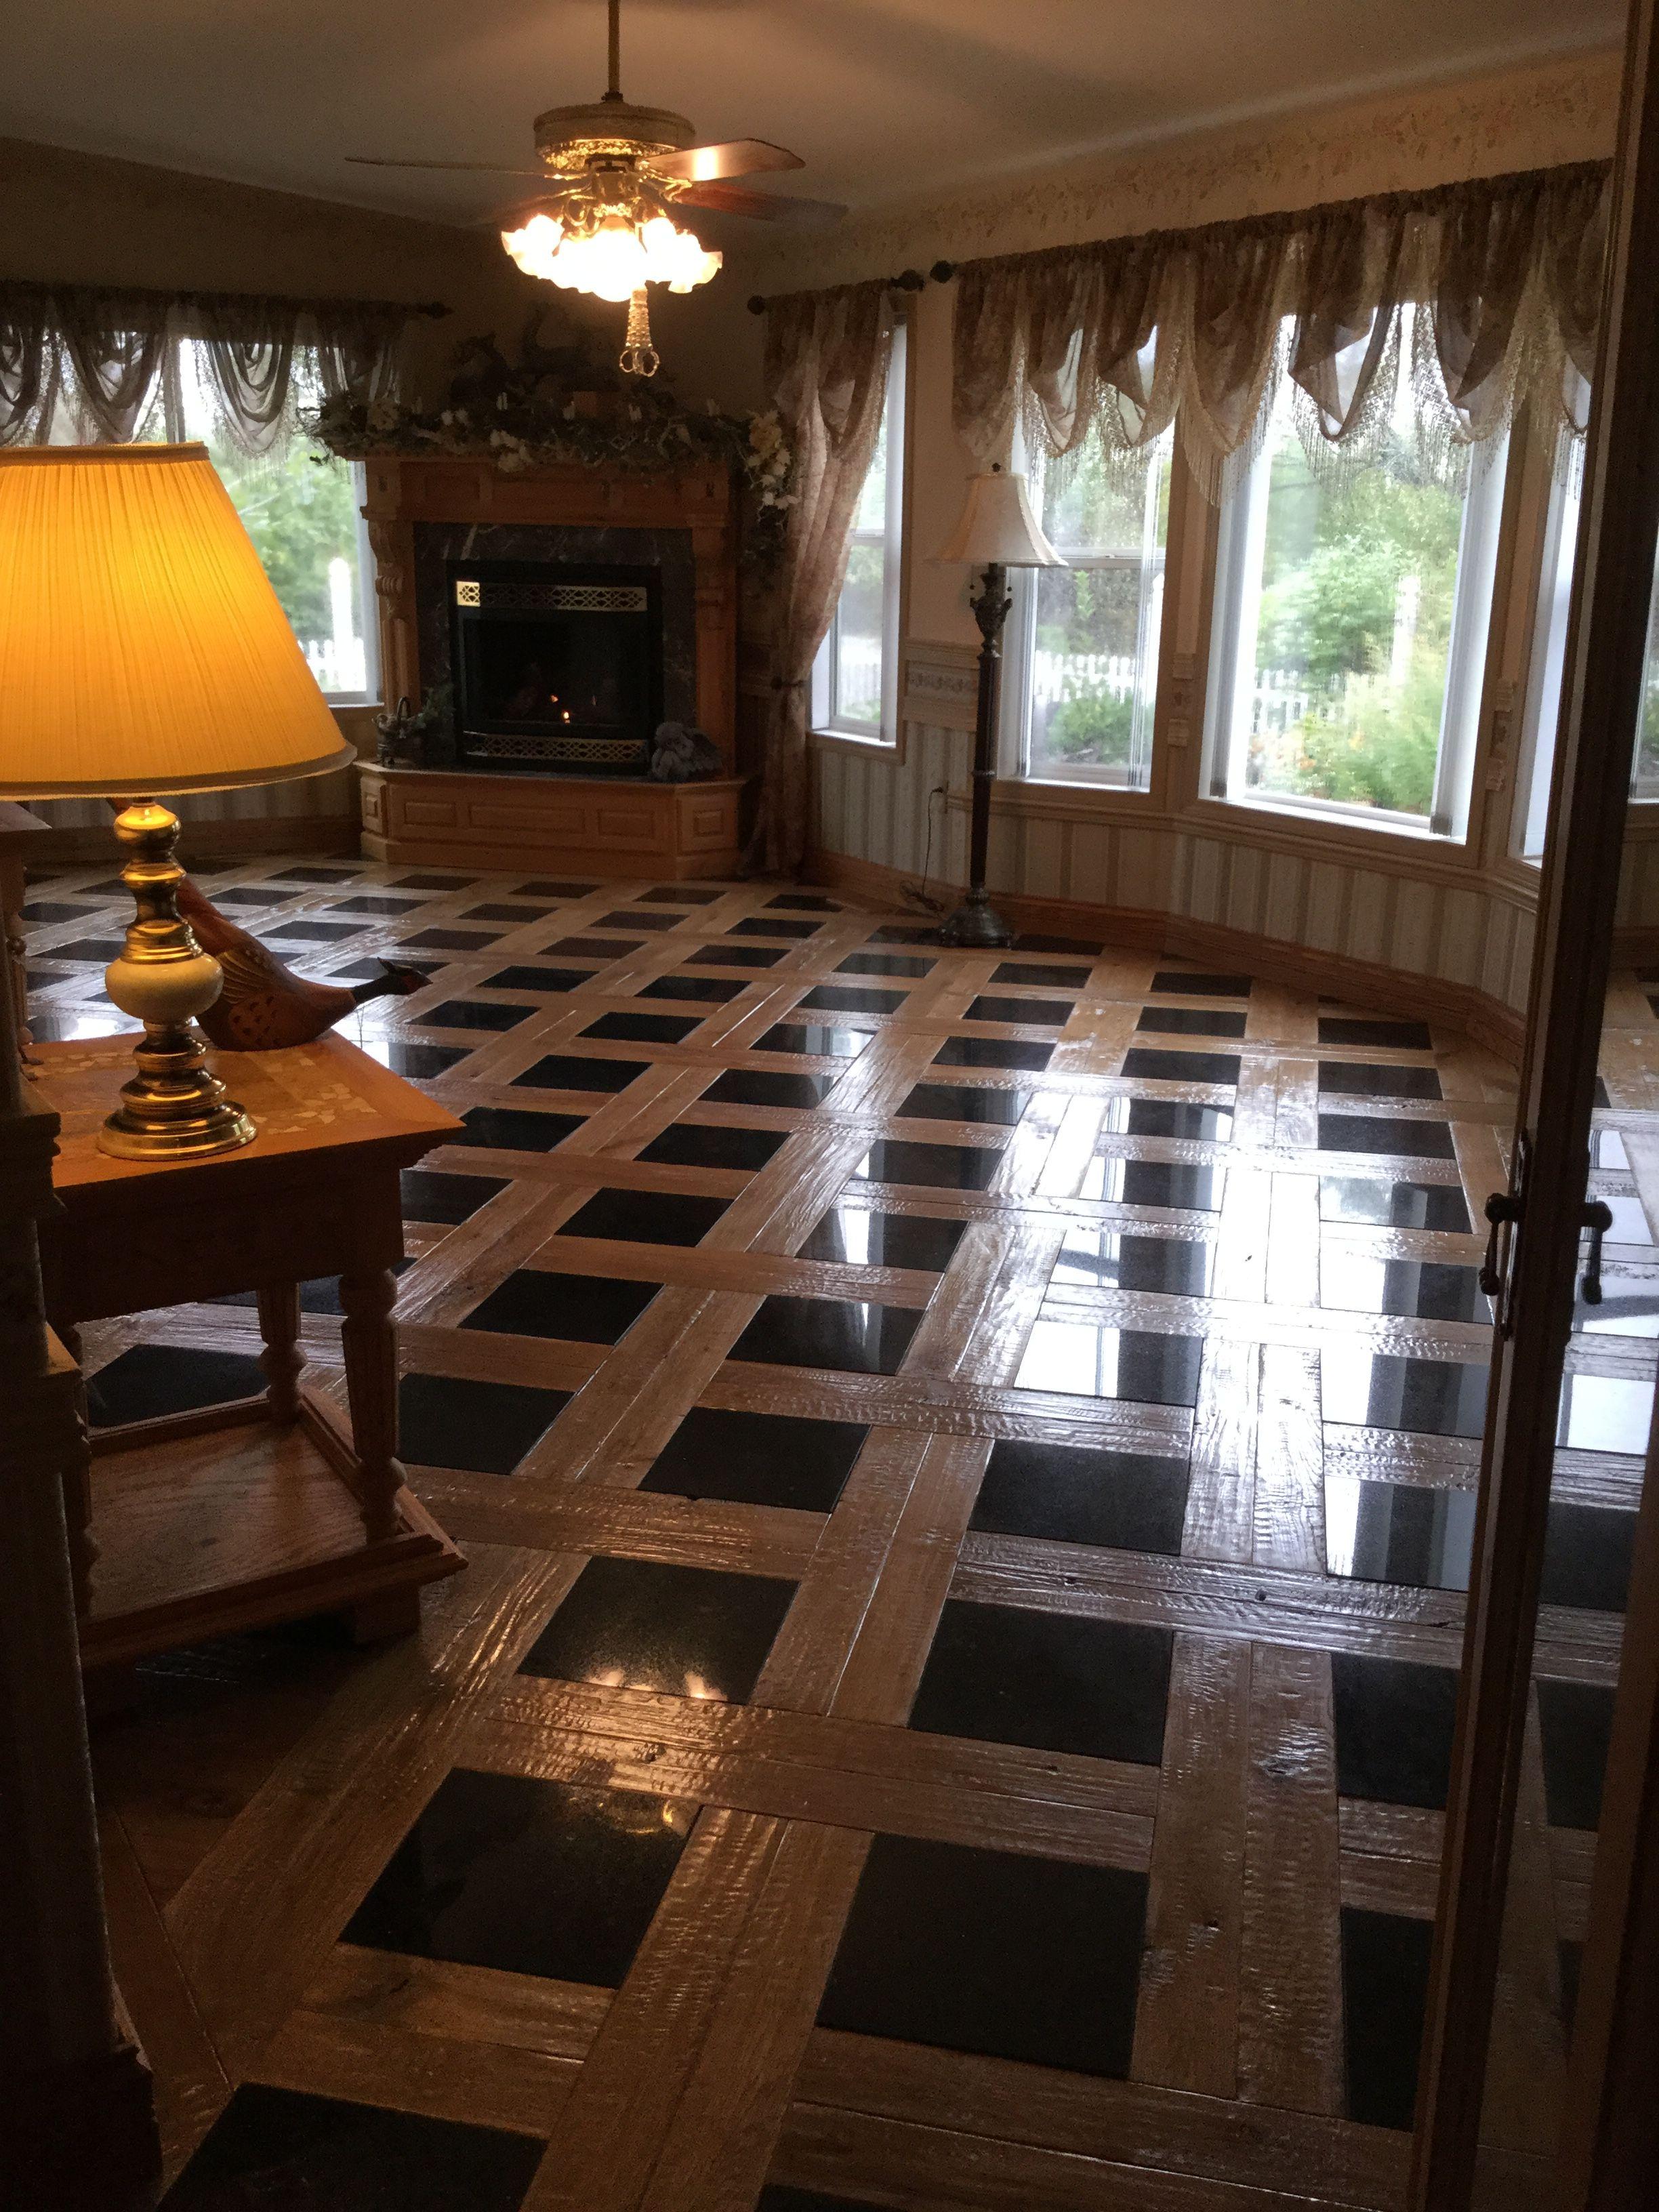 Living Room Floor Oak And Black Granite Tile Woman With Power Tools Floor Design House Flooring Granite Flooring